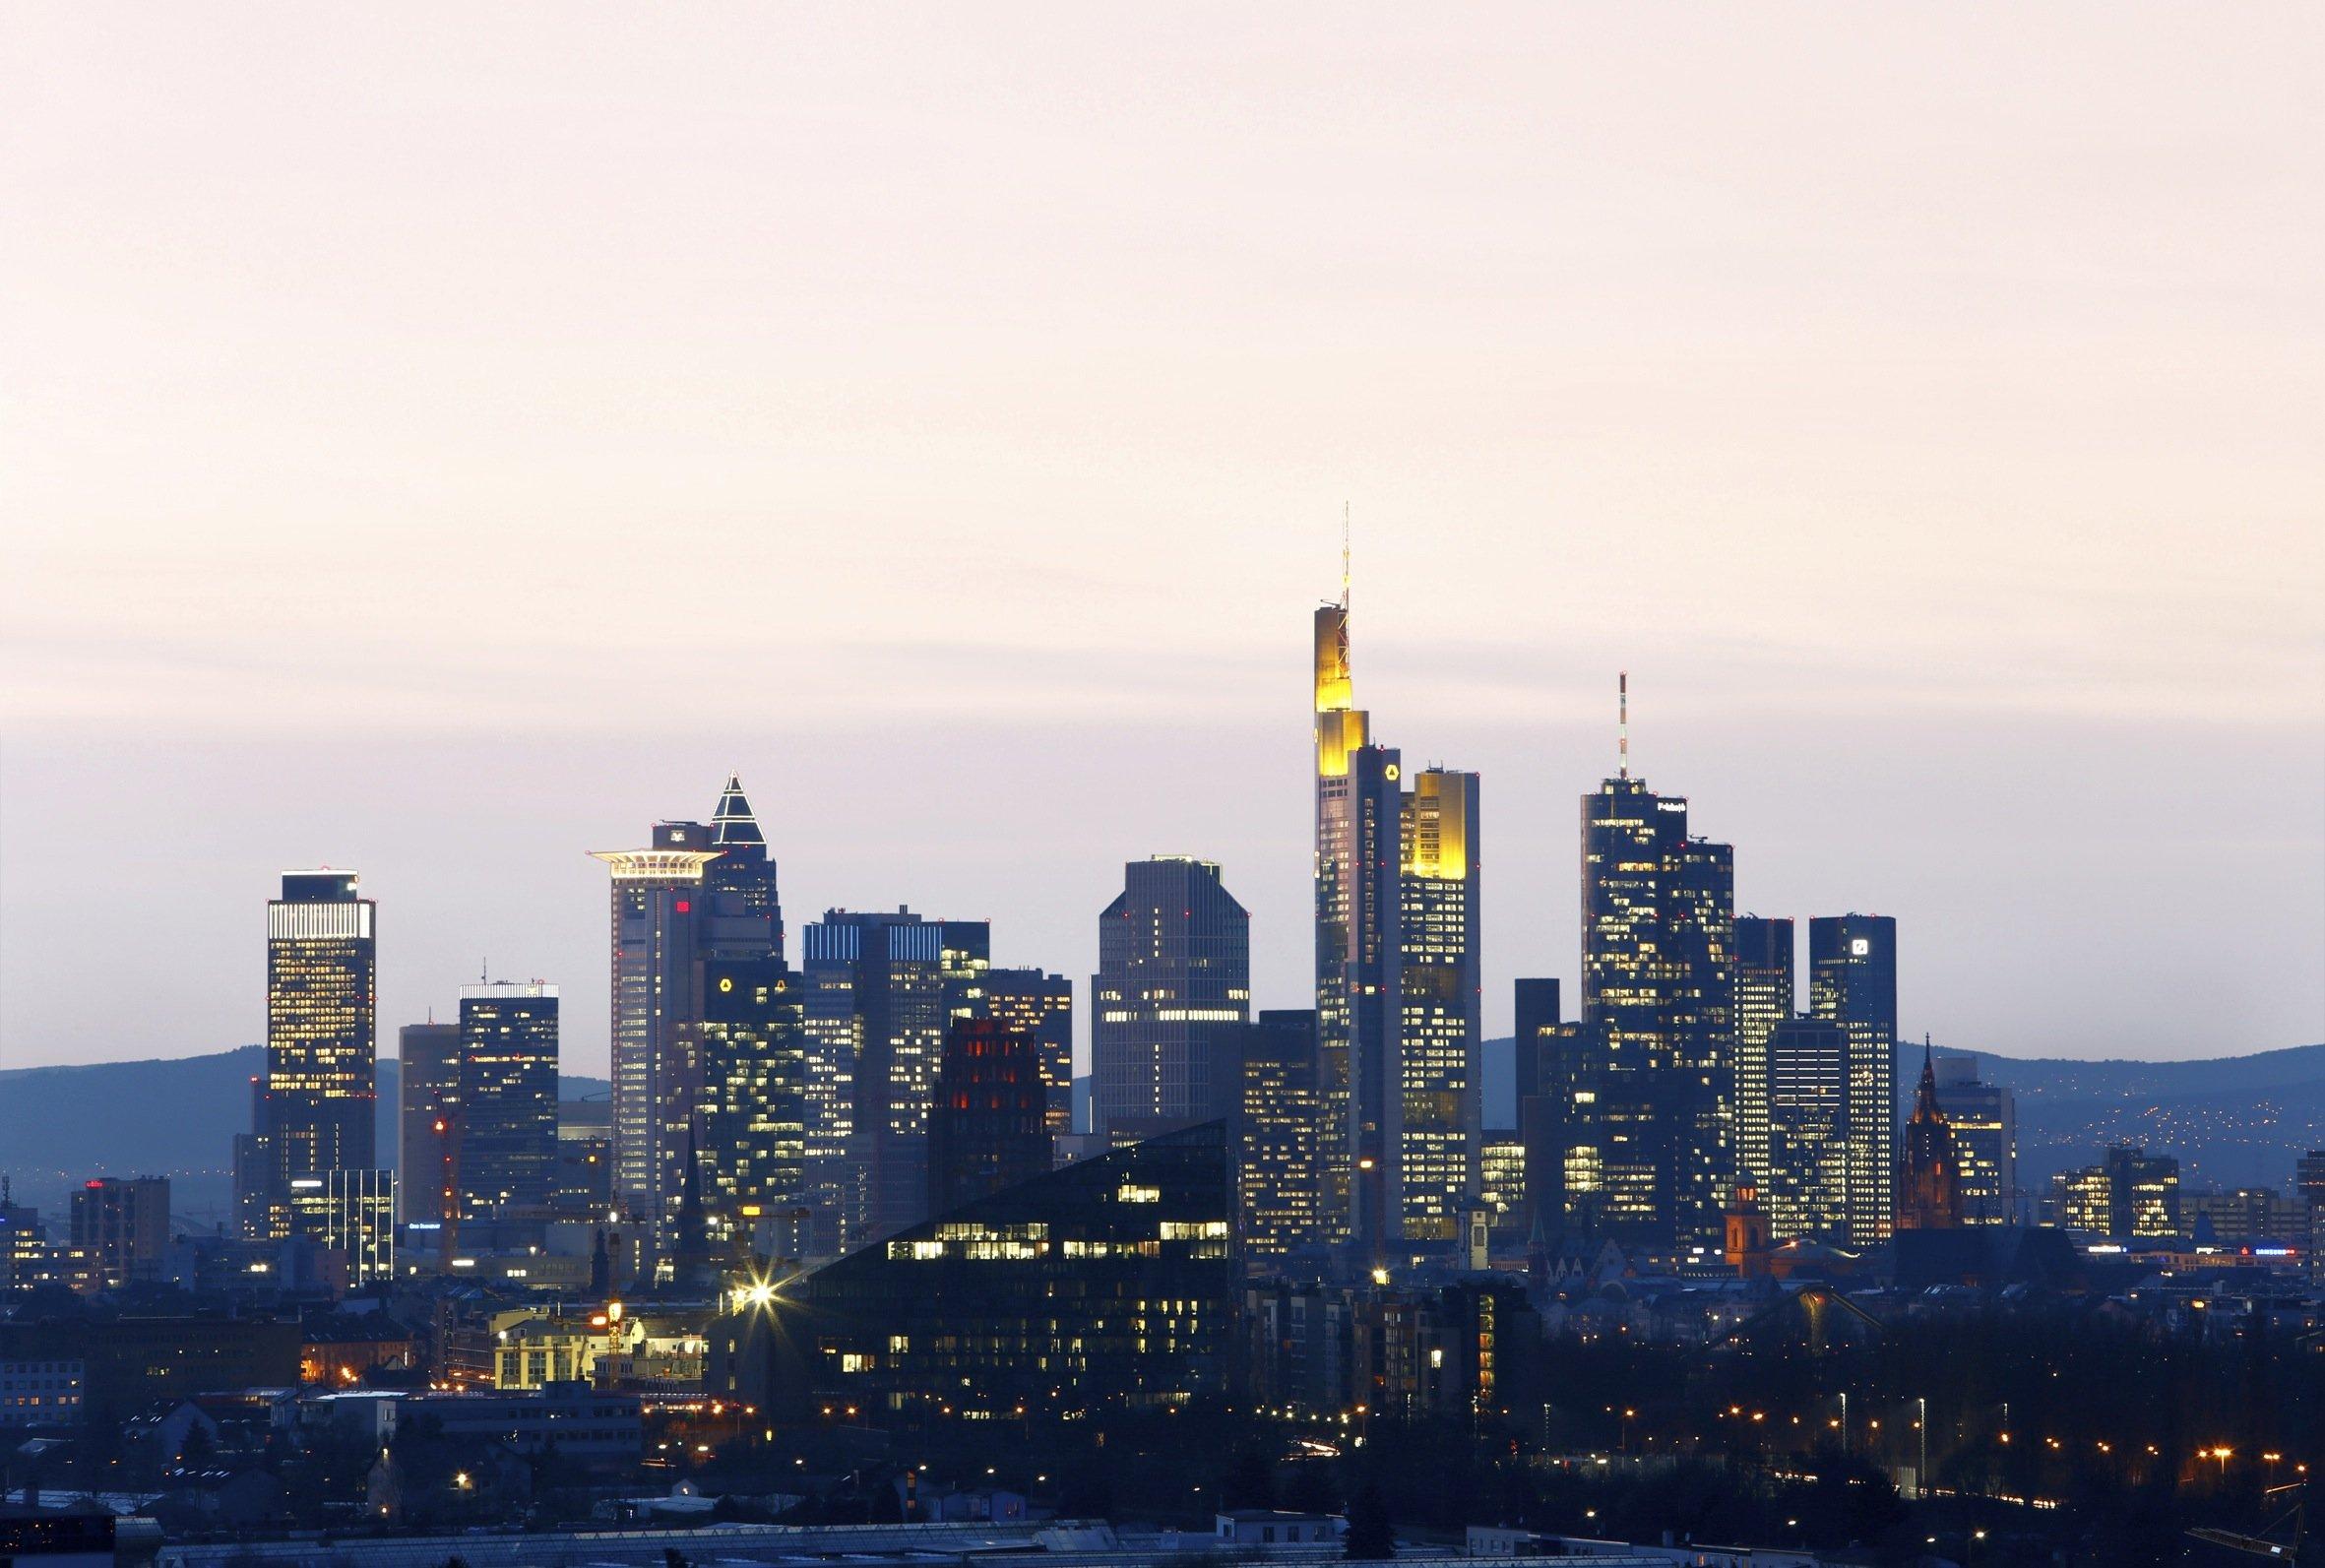 Blick auf die Hochhausstadt Frankfurt am Main: Das Deutsche Architekturmuseum erzählt in einer Ausstellung, wie es zu dieser für eine deutsche Stadt einzigartigen Entwicklung kam.